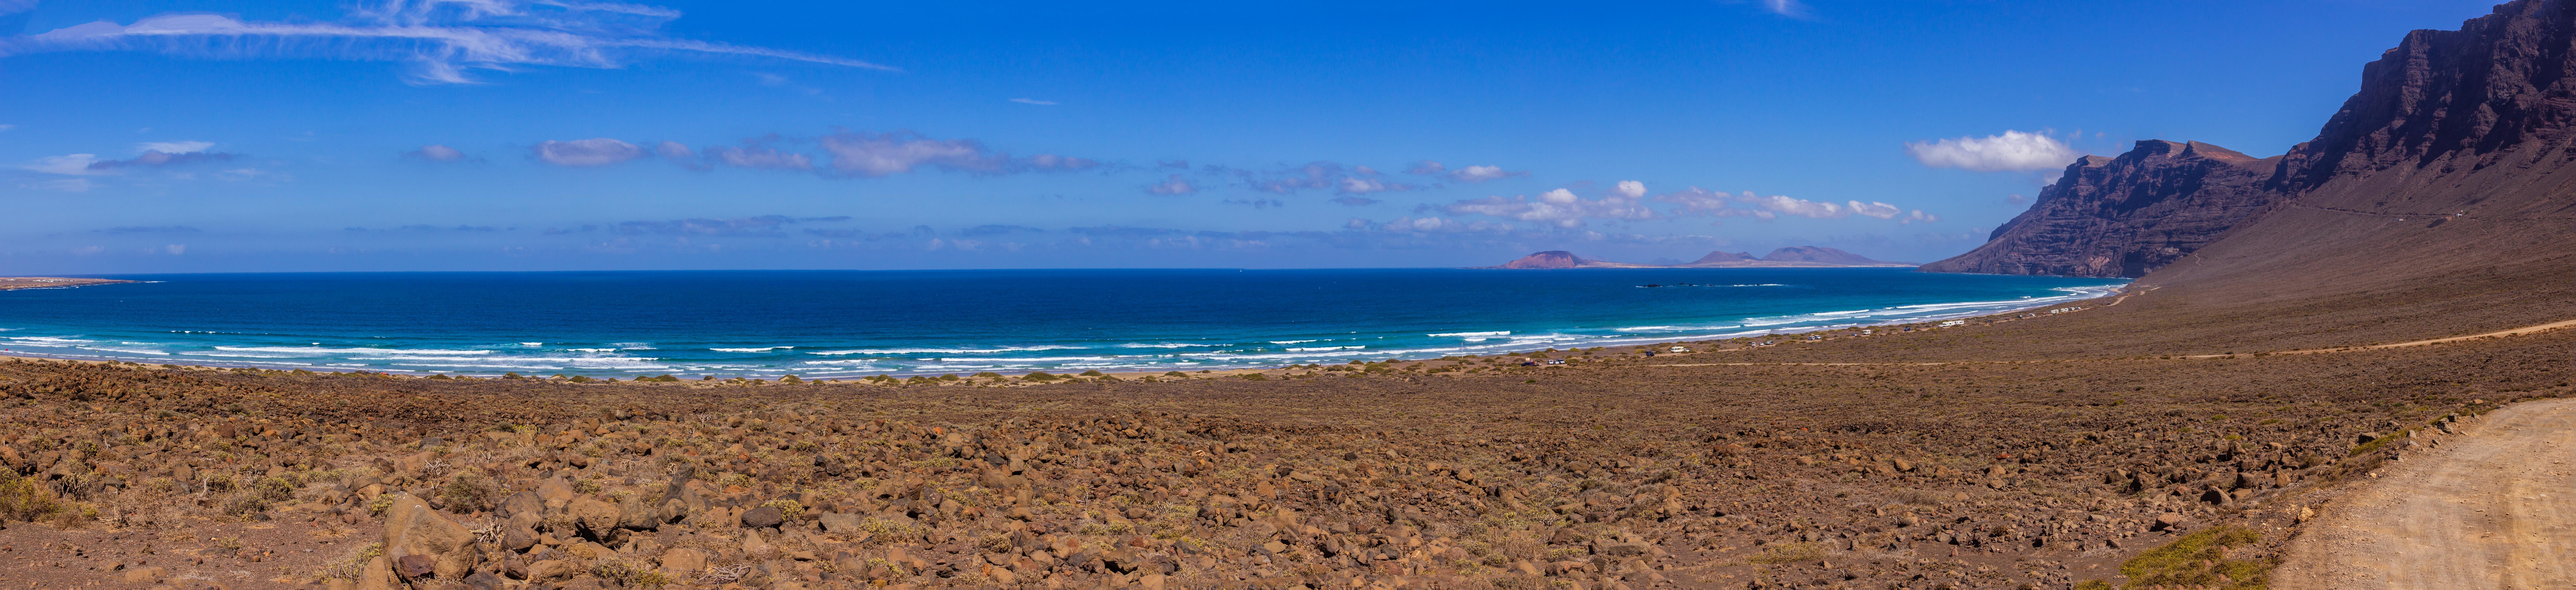 Lanzarote PanoramaSuperWideMax10000 023